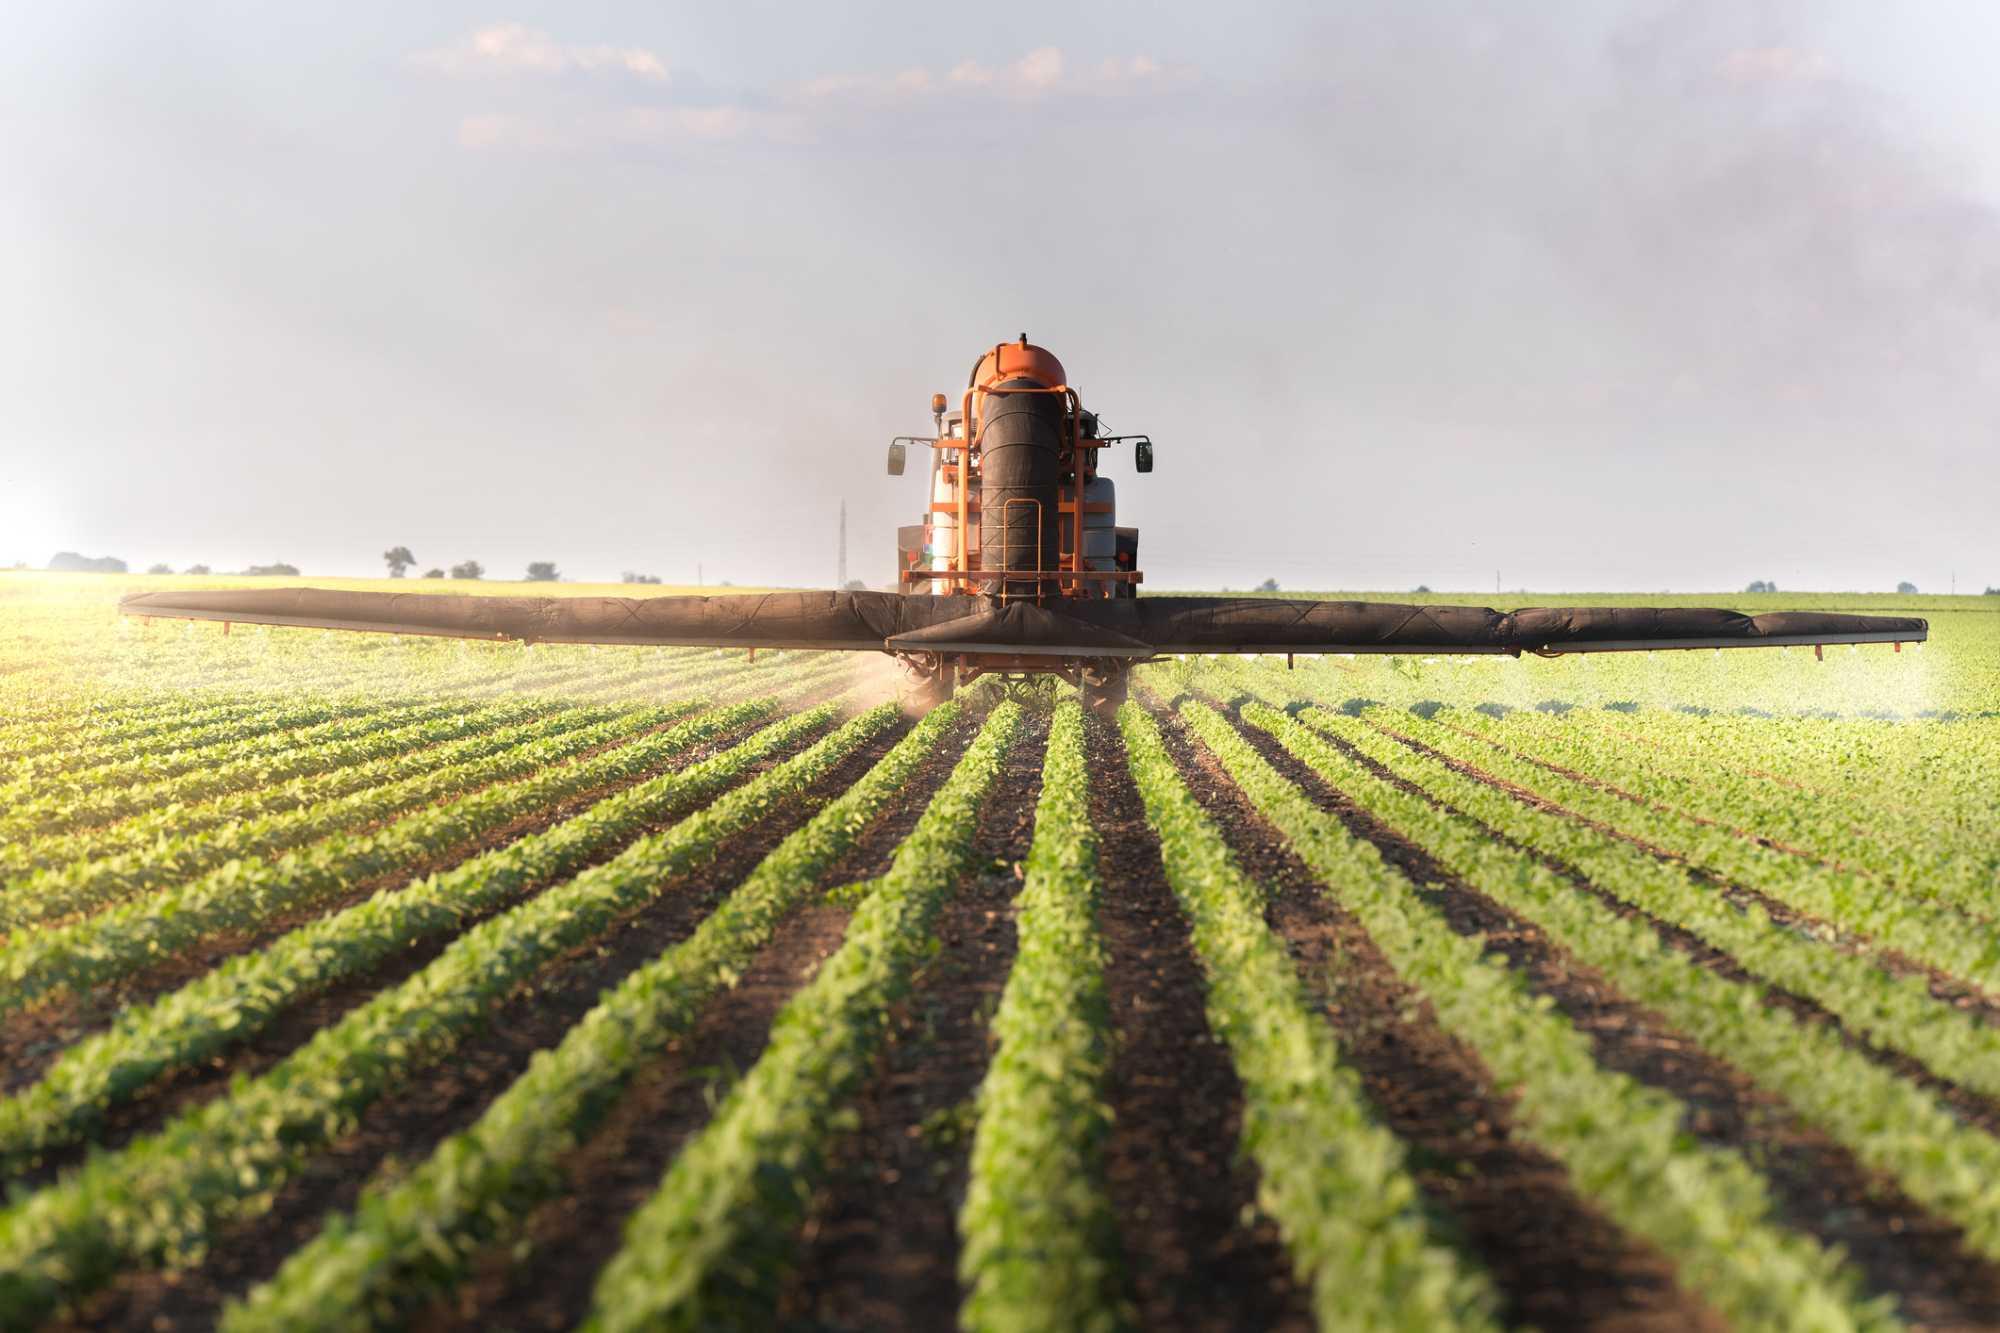 agricultura intensiva e extensiva